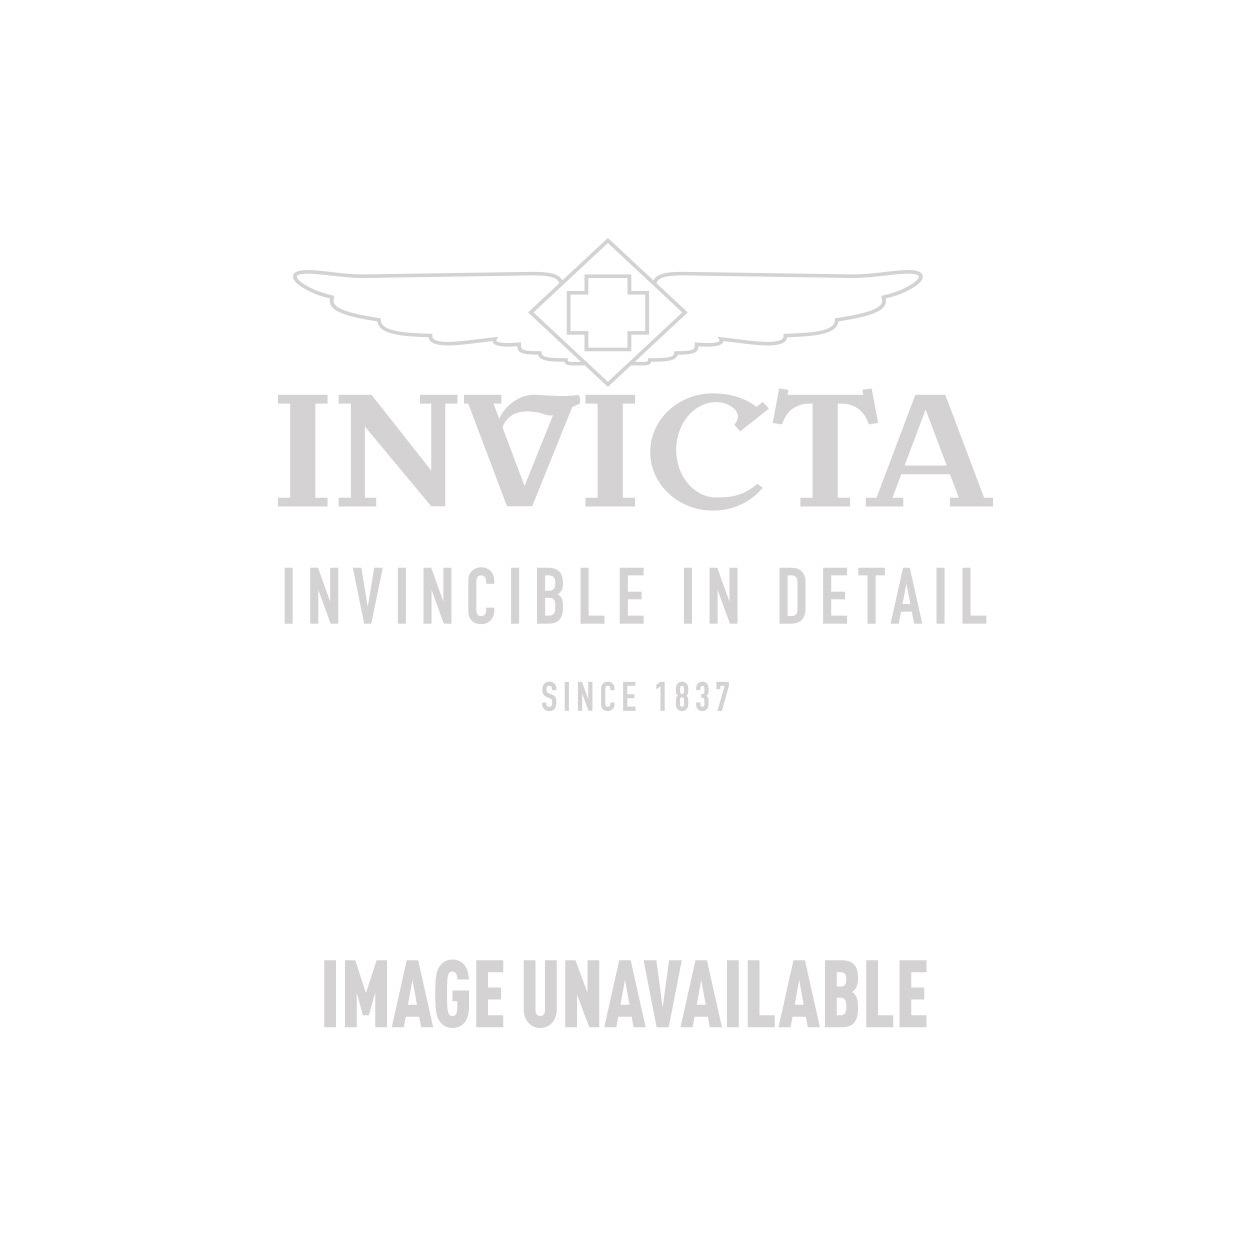 Invicta Model 25044